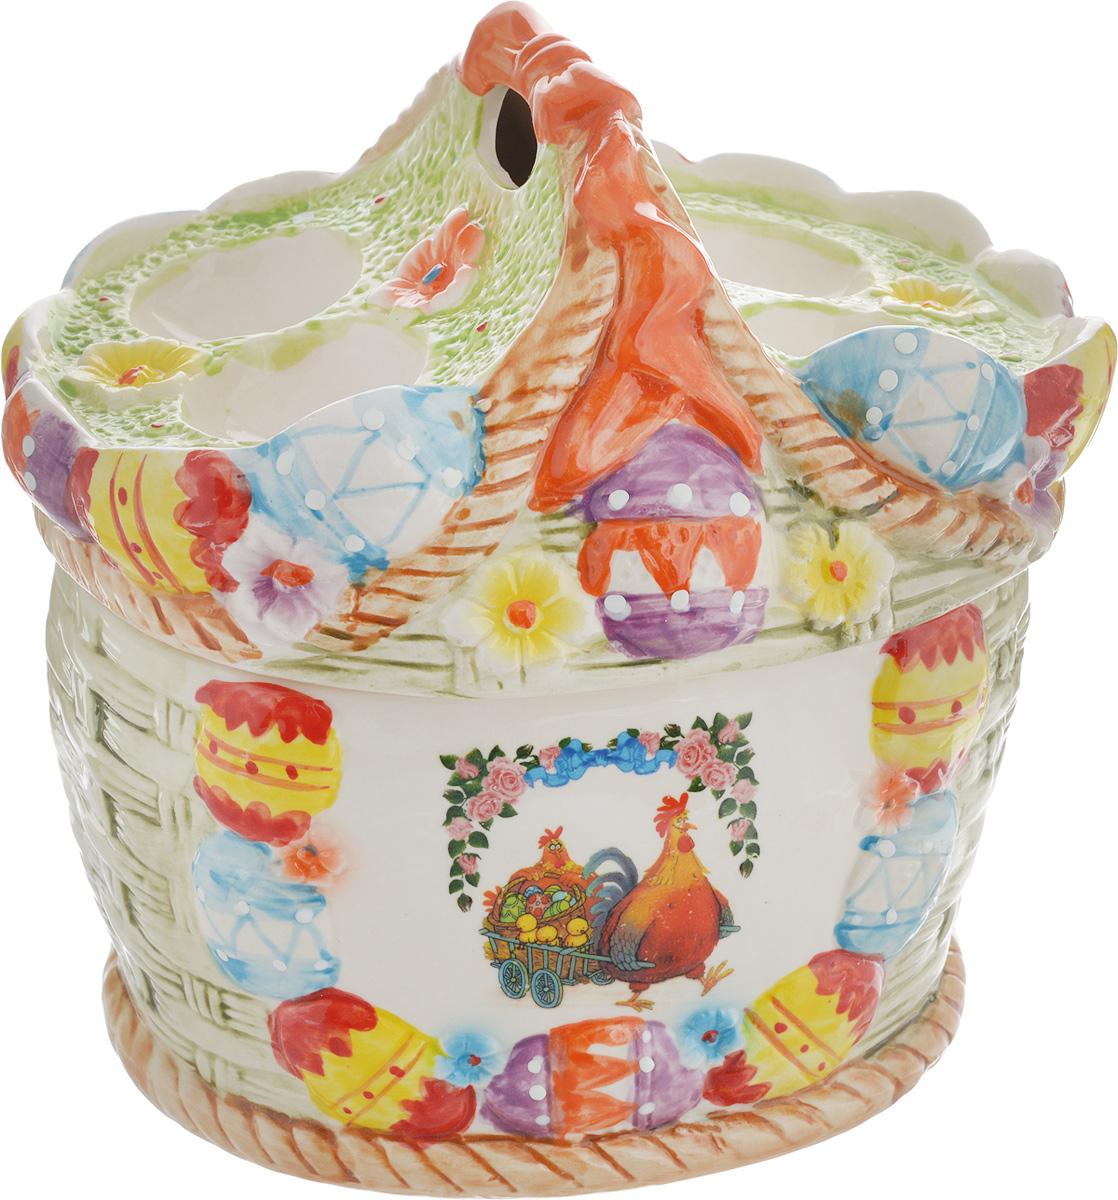 Ваза Win Max, для пасхальных яиц и угощений, 20 х 22 х 18 см14025Ваза Win Max изготовлена из высококачественной керамики с глазурованным покрытием и оформлена рельефным рисунком. Изделие дополнено крышкой, на которой расположены подставки для яиц. Крышка дополнена ручкой. Оригинальный дизайн украсит интерьер вашей кухни, а функциональность порадует любую хозяйку. Размеры емкости (без учета крышки): 19 х 16 х 11 см Высота крышки: 11 см